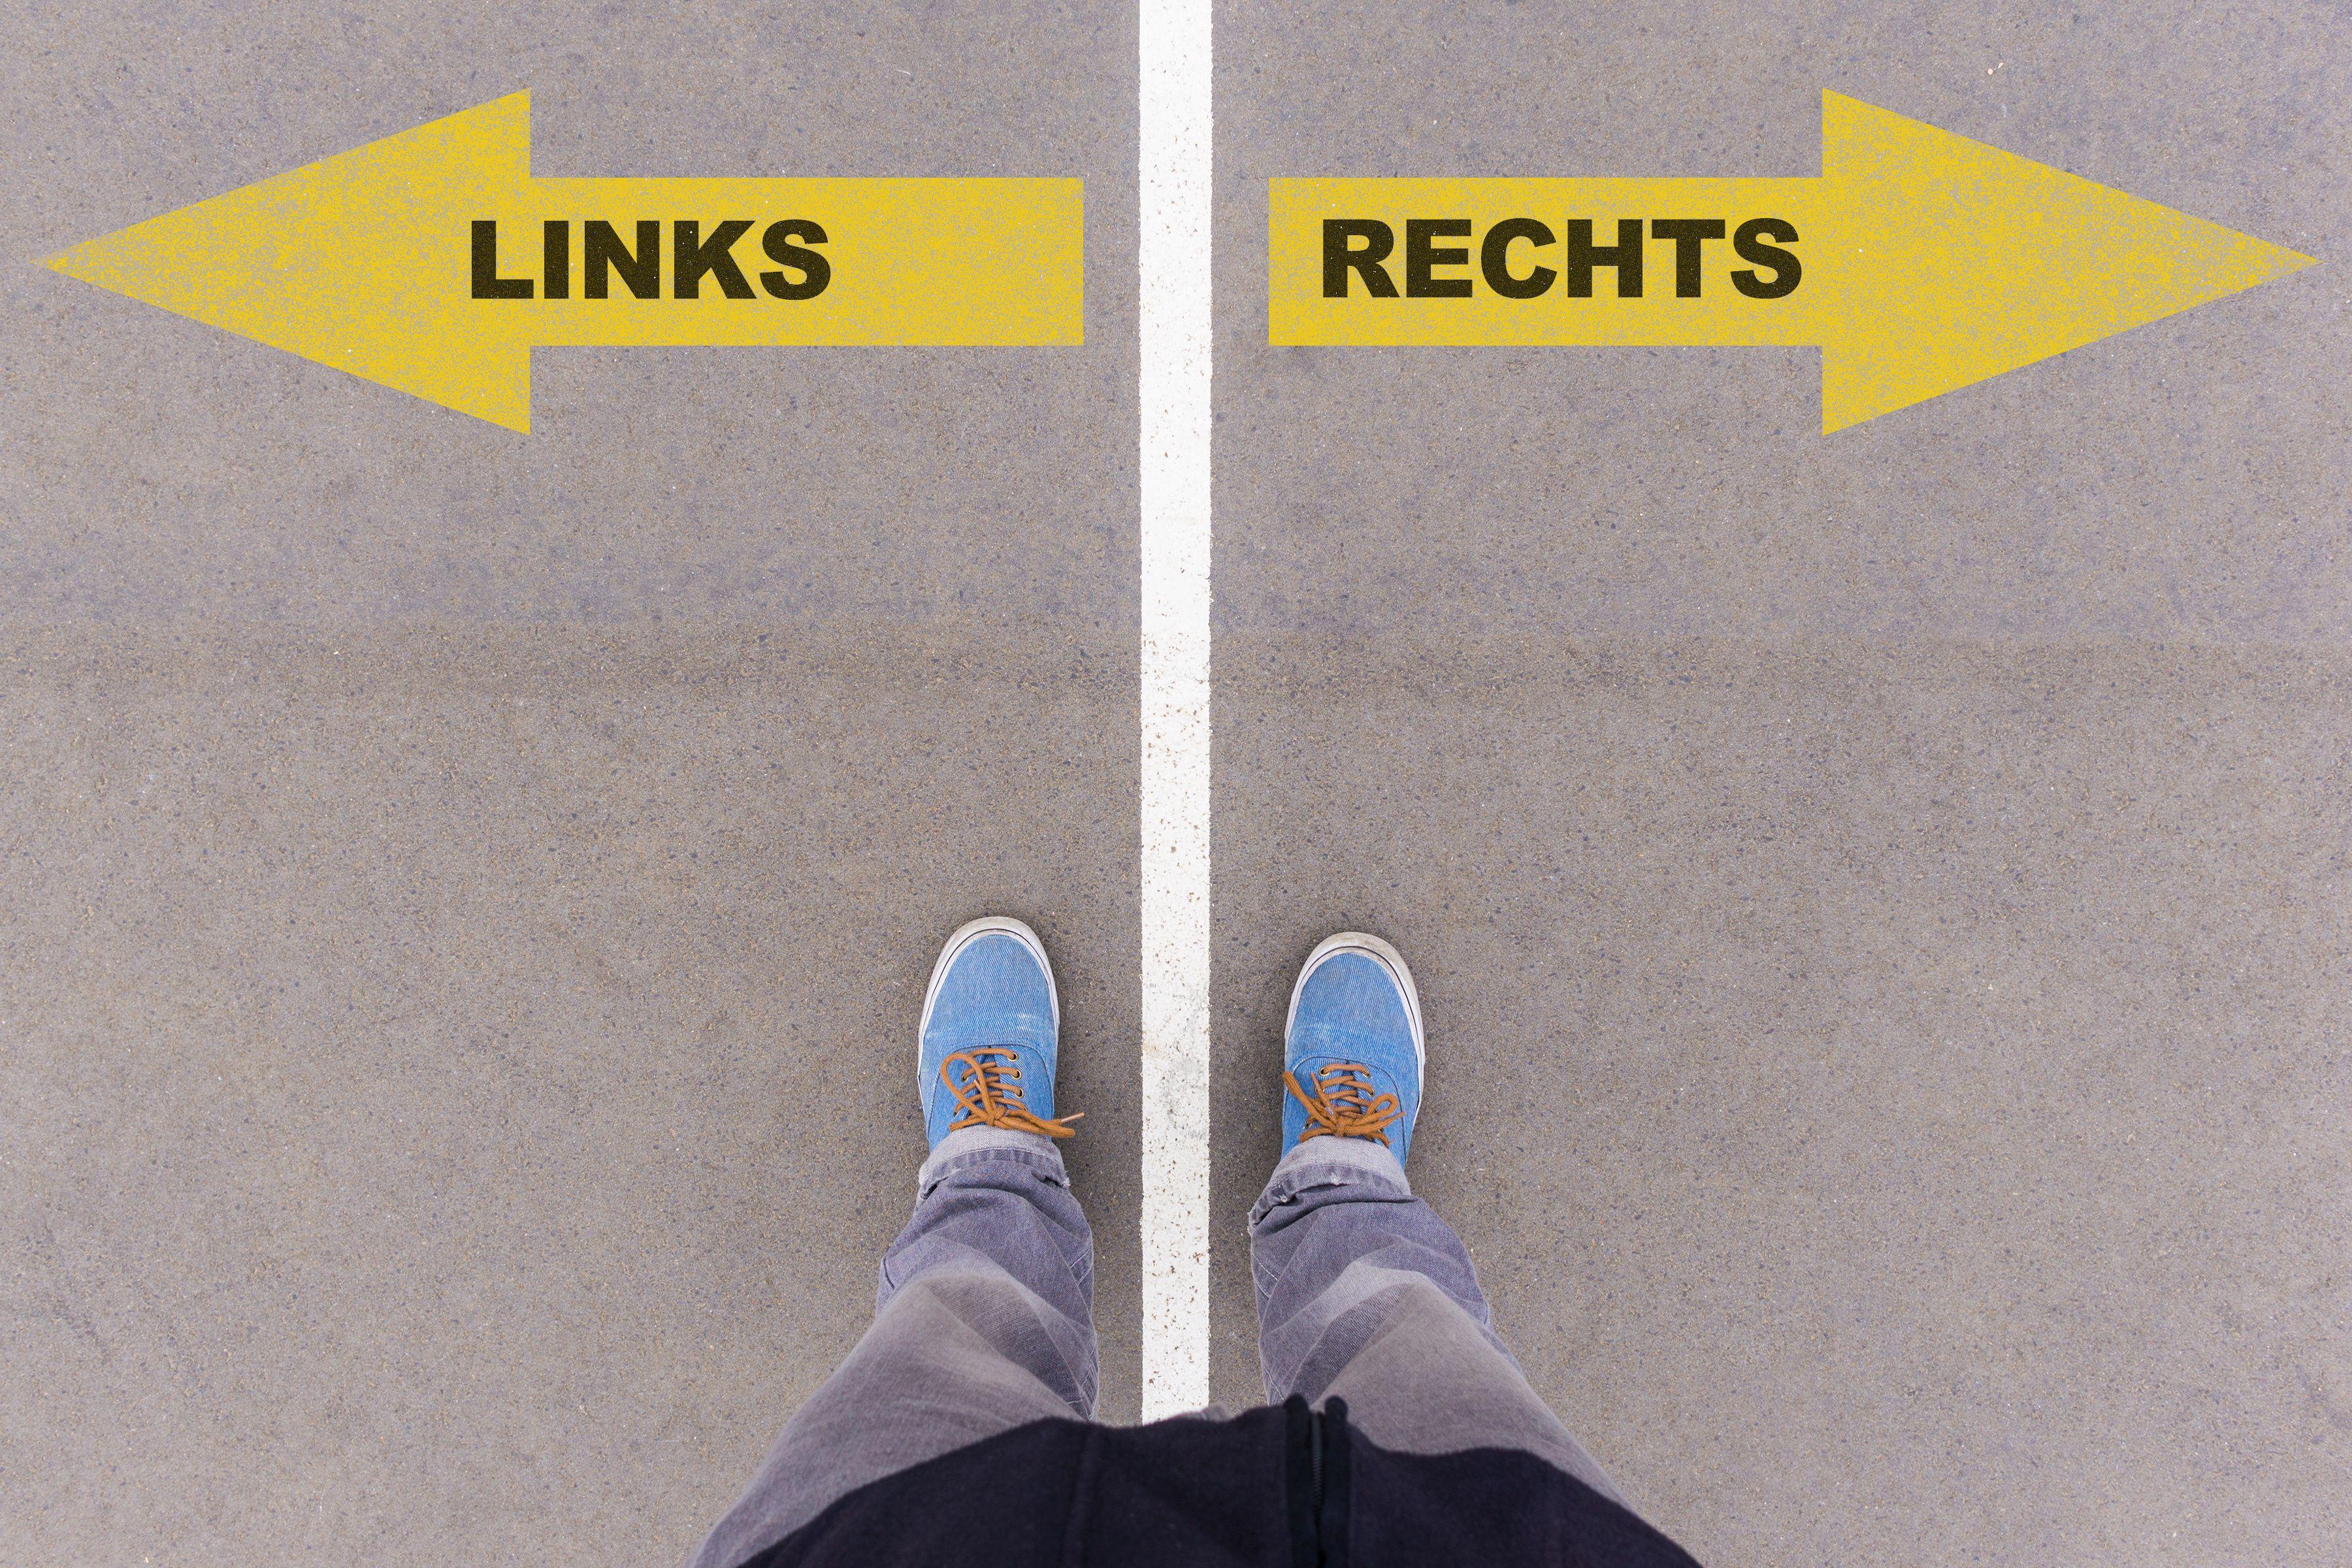 Öffentliche Führung: Links & rechts. Ein Geschicklichkeitsparcours